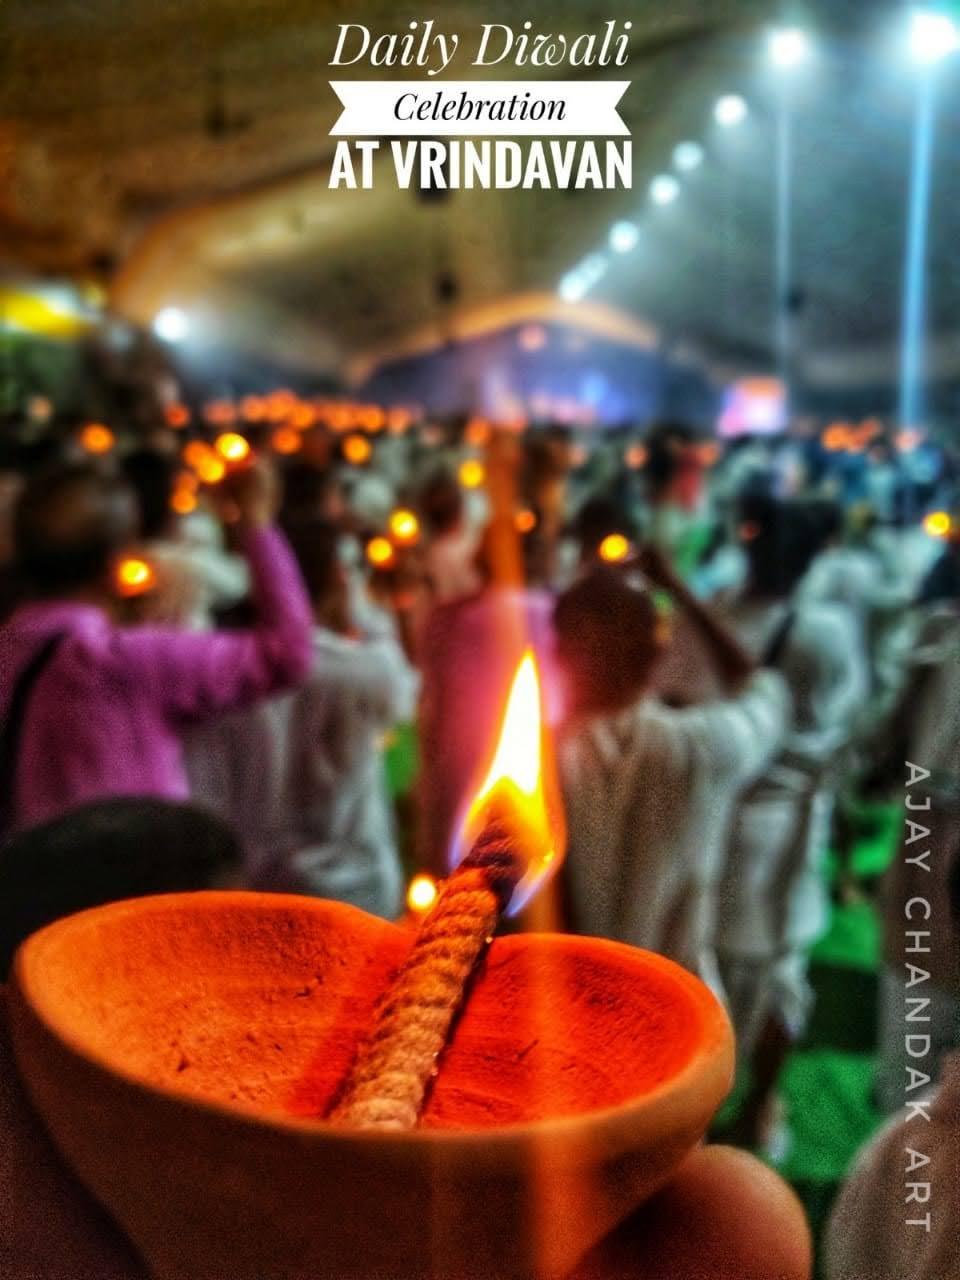 Daily Diwali at Vrindavan, India